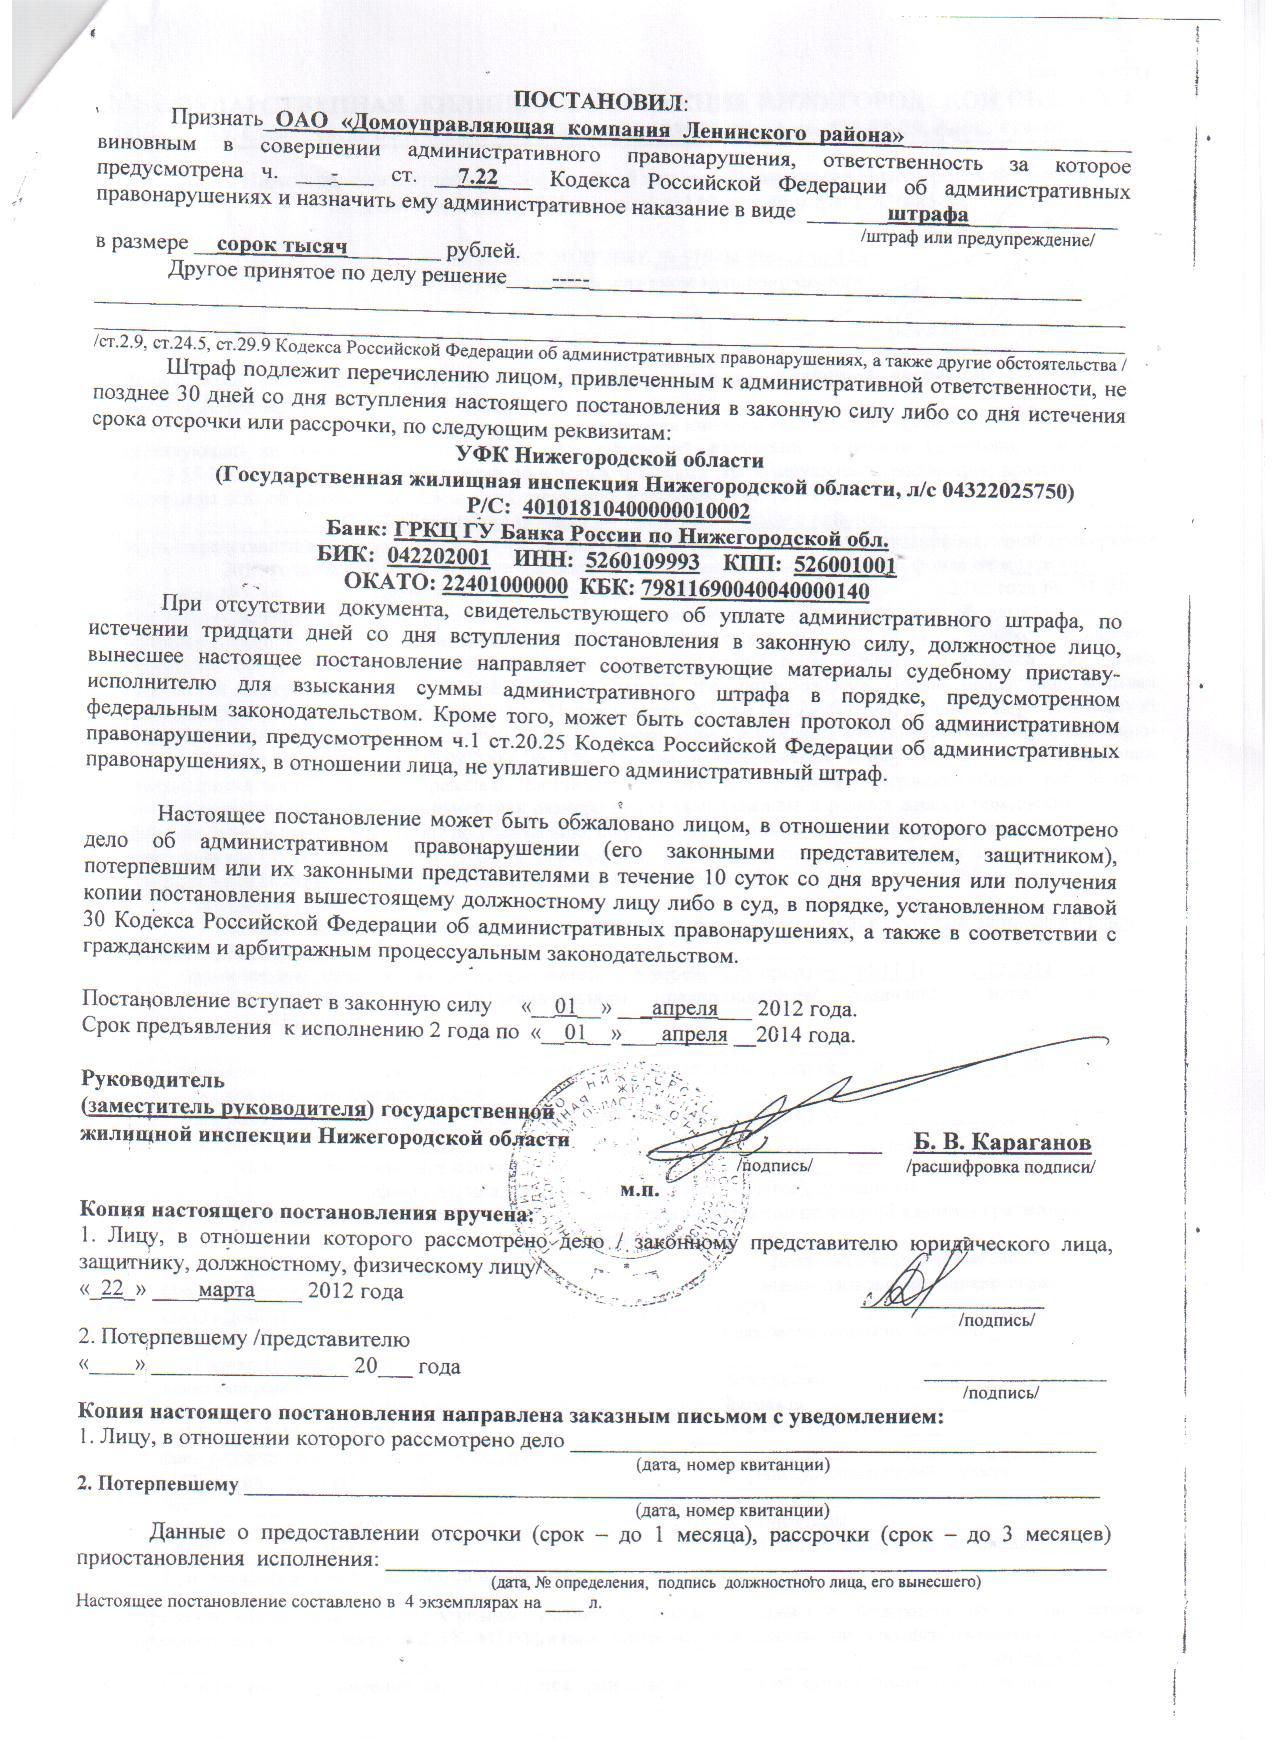 privlechenie-k-administrativnoy-otvetstvennosti-chlena-izbiratelnoy-komissii